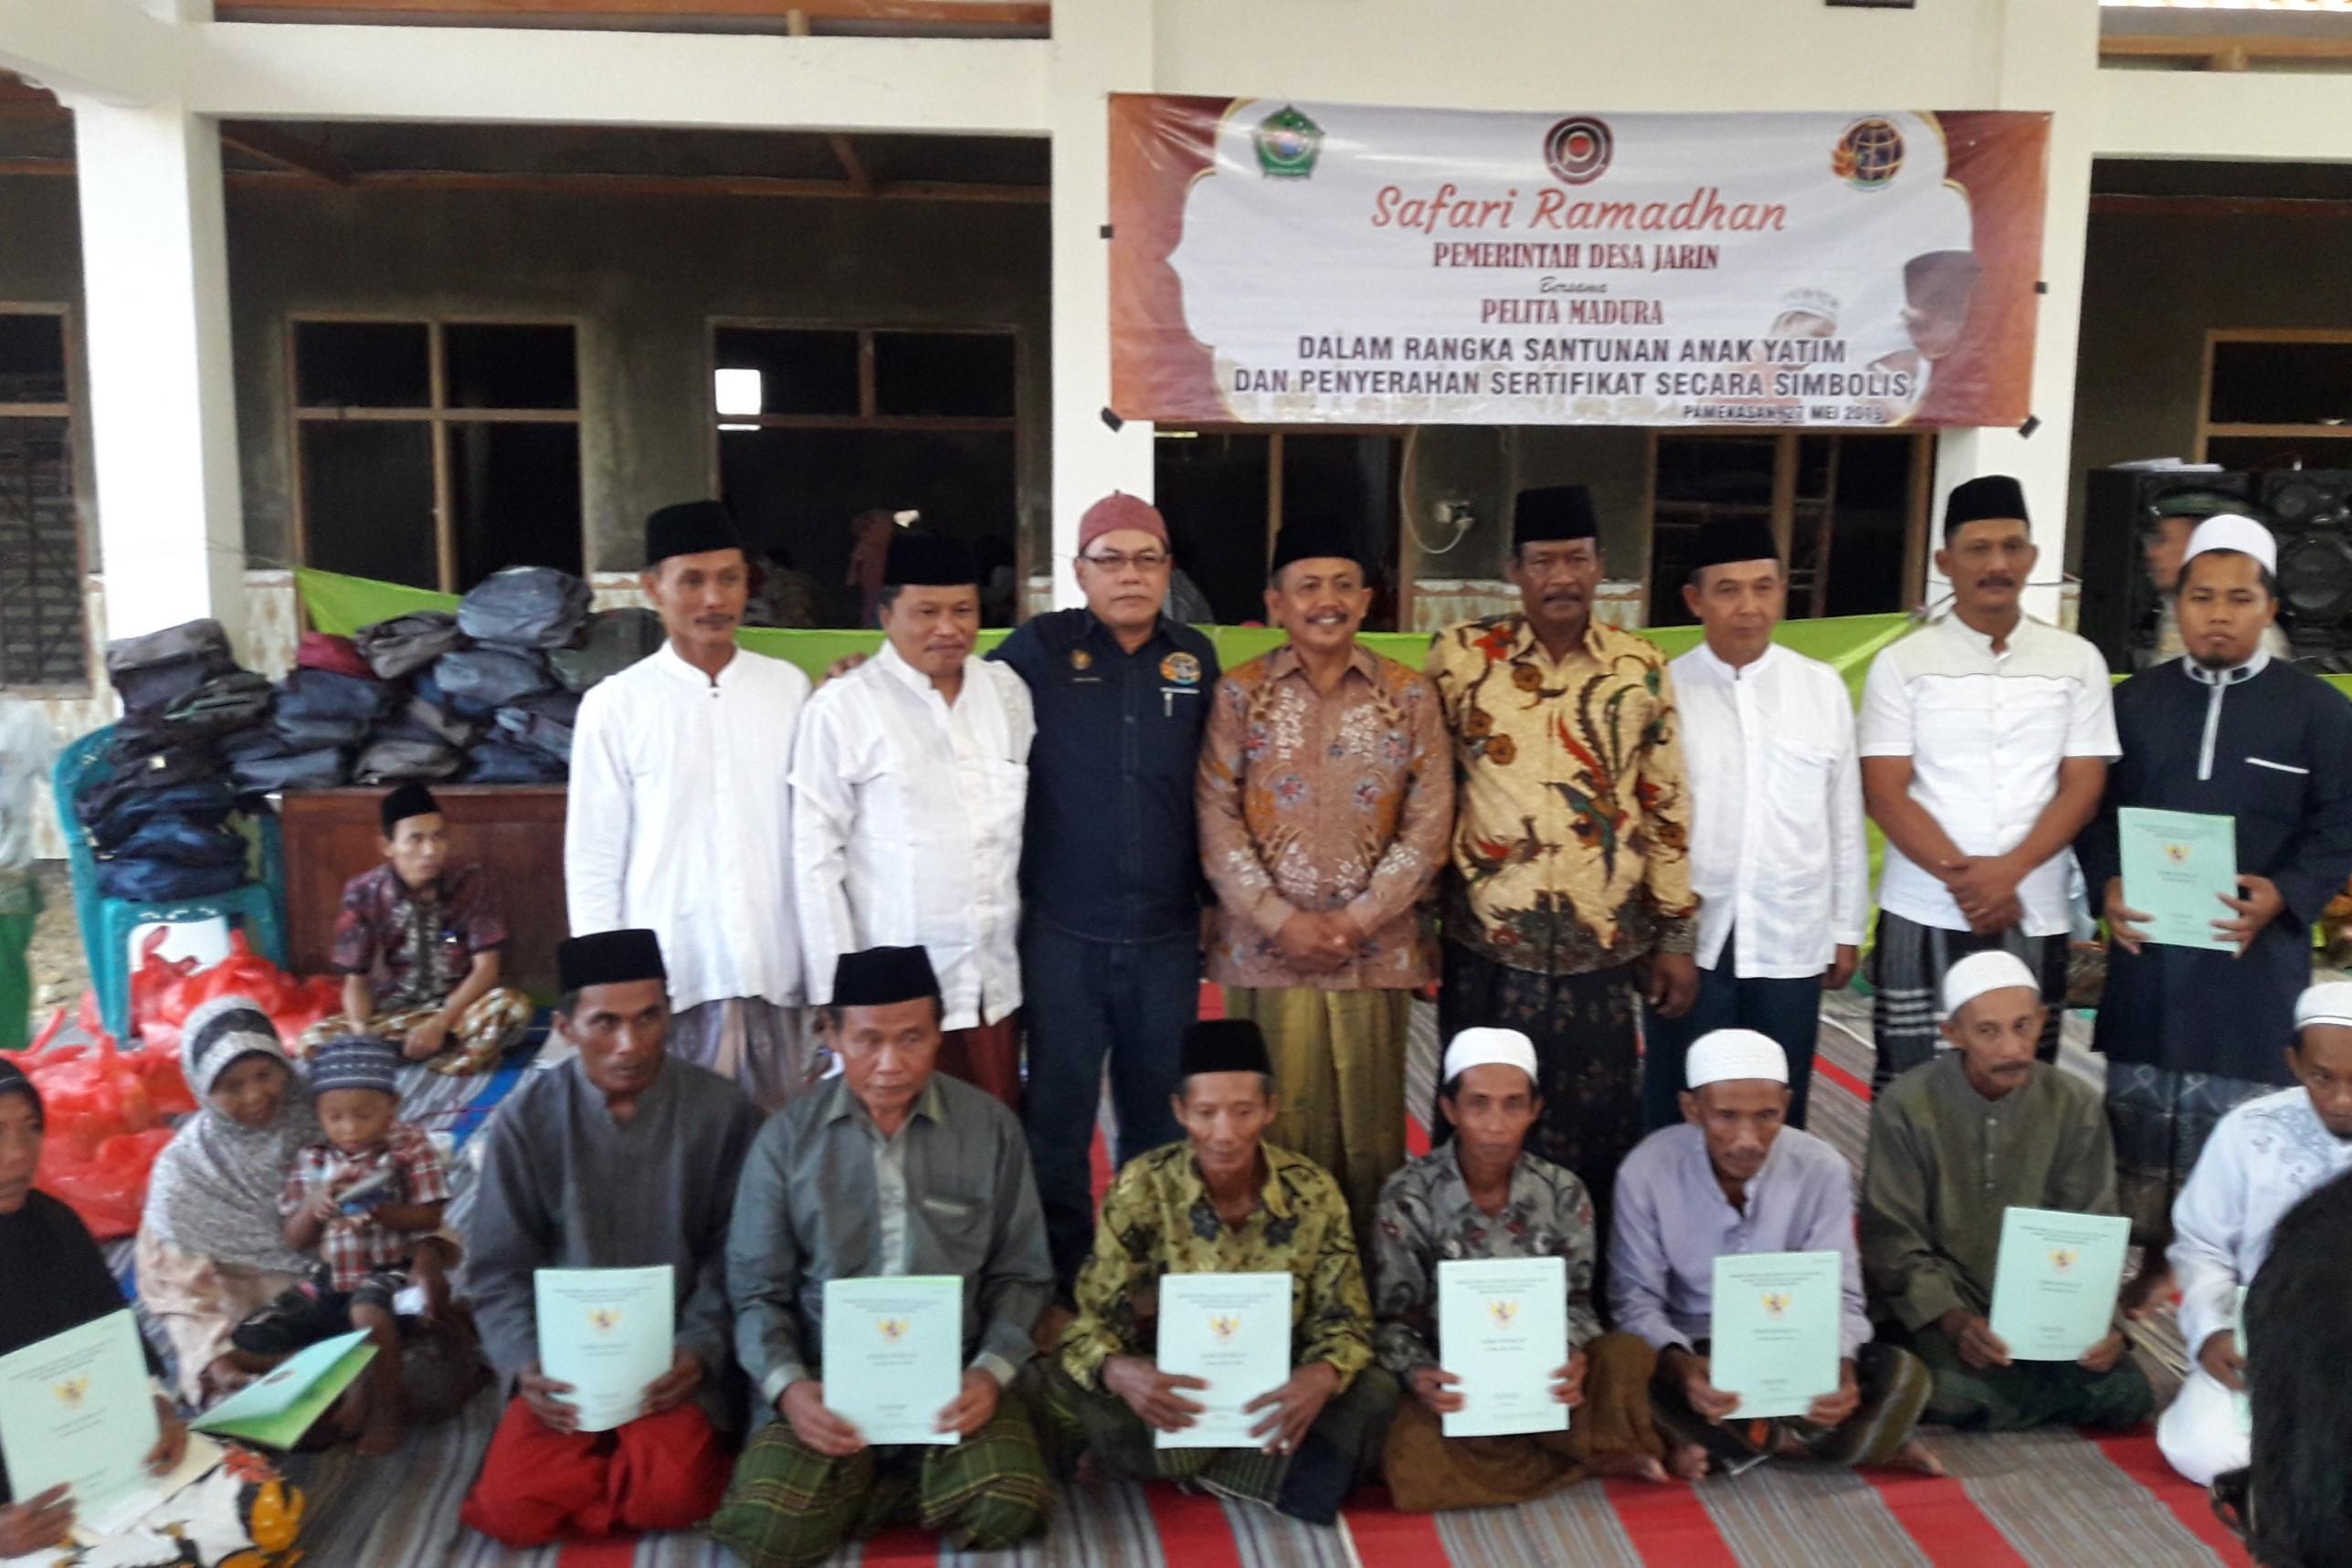 Program Empat Pilar Desa Jarin di Pamekasan, Penyerahan Secara Simbolis Sertifikat PTSL